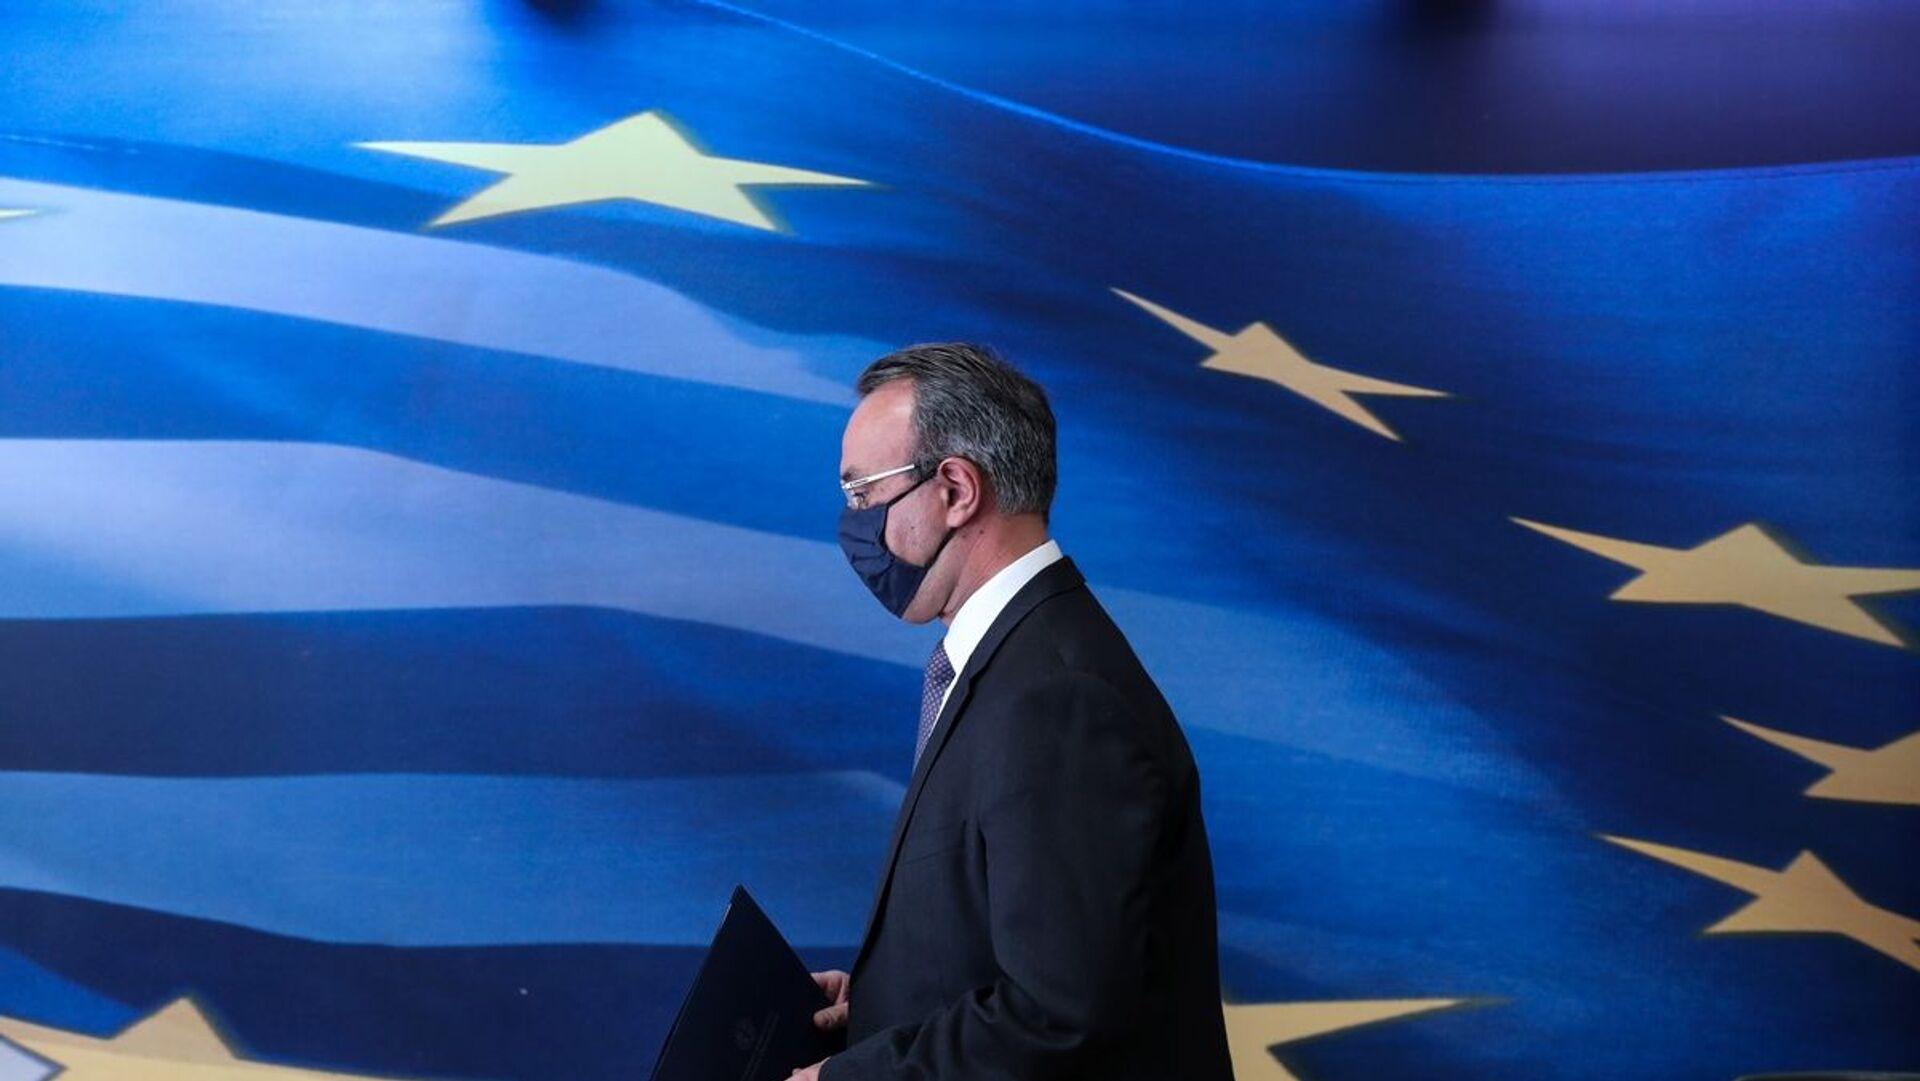 Ο υπουργός Οικονομικών, Χρήστος Σταϊκούρας - Sputnik Ελλάδα, 1920, 29.09.2021